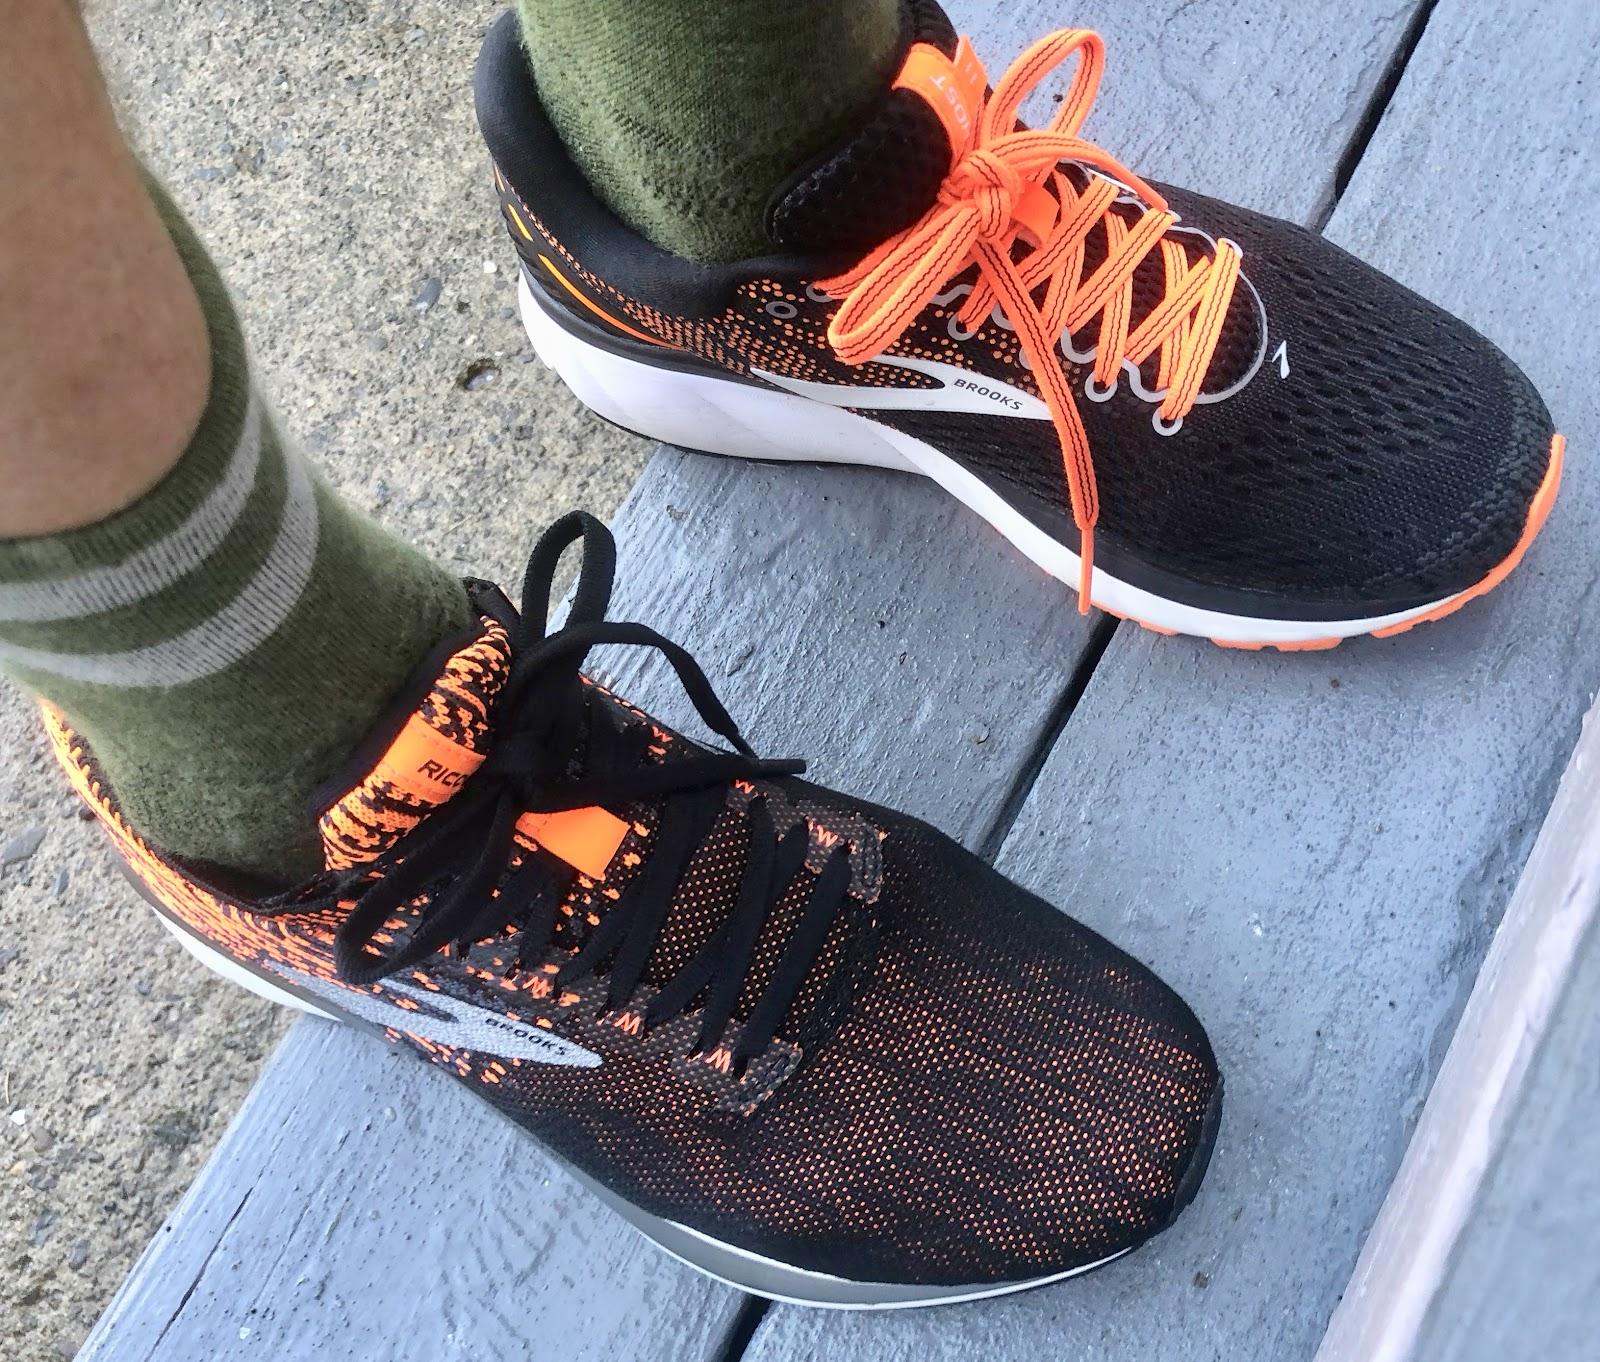 comprare a buon mercato una grande varietà di modelli stili di moda Road Trail Run: Brooks Running Ricochet Review